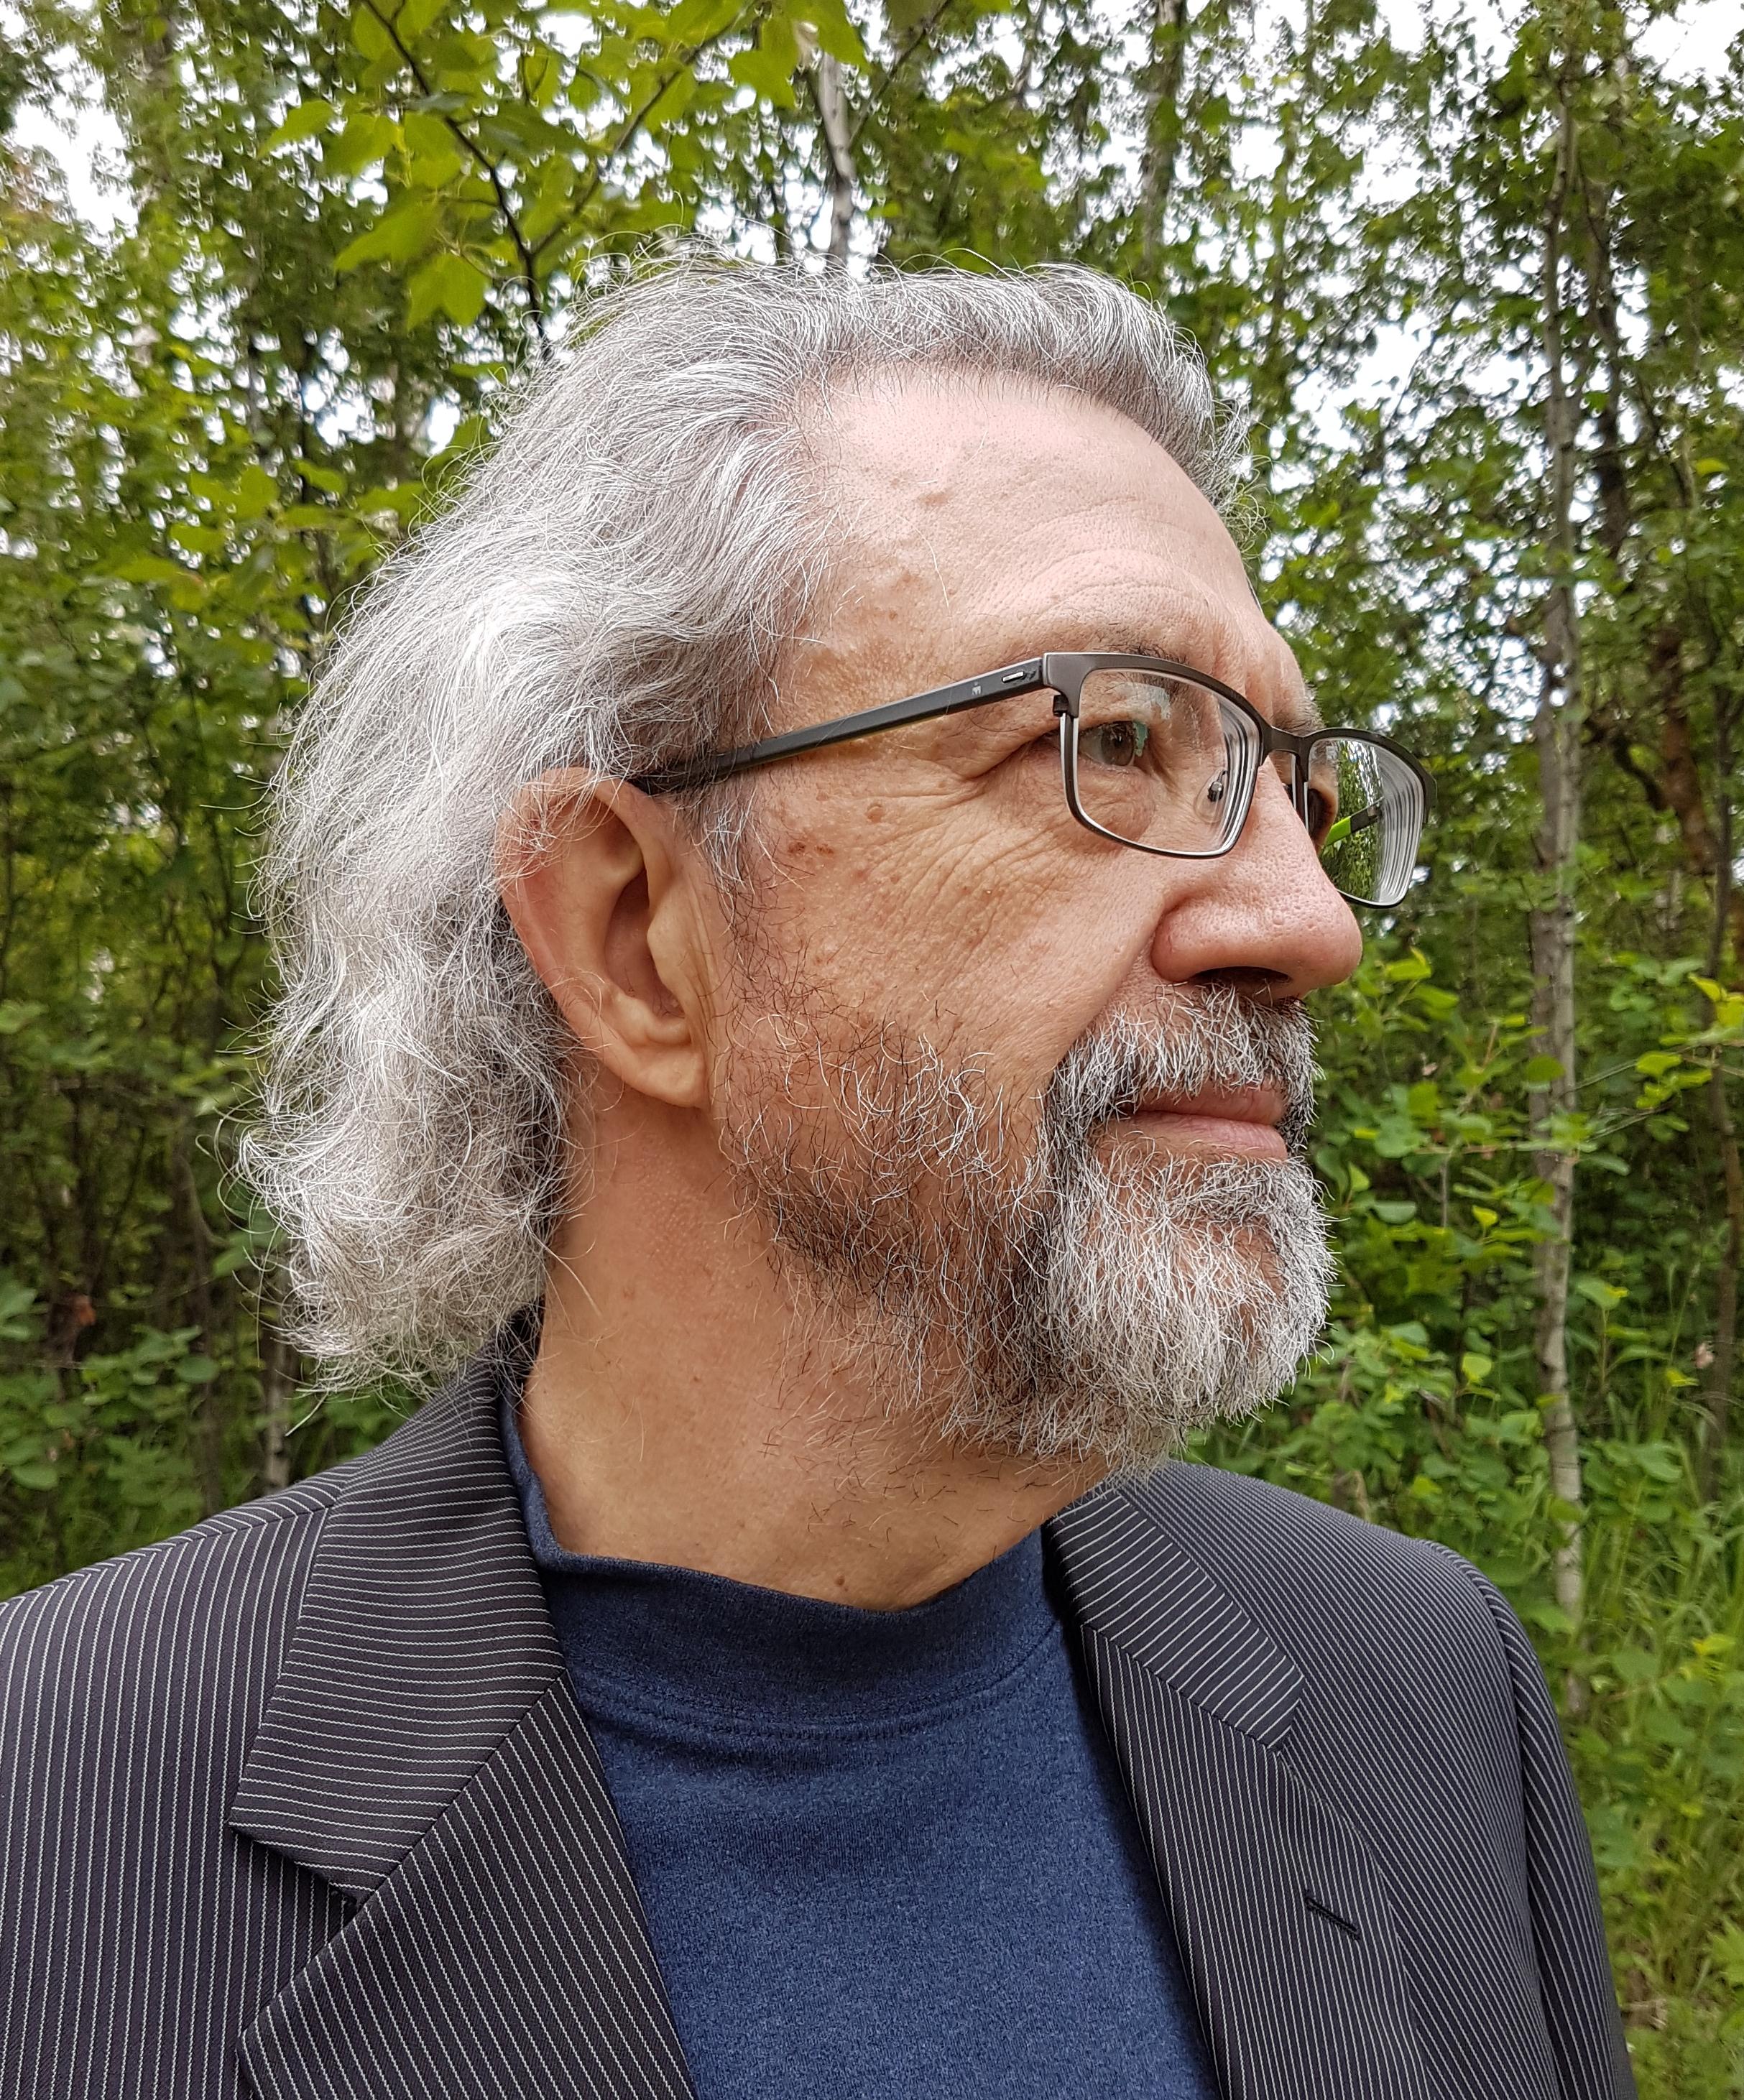 Ivon Prefontaine